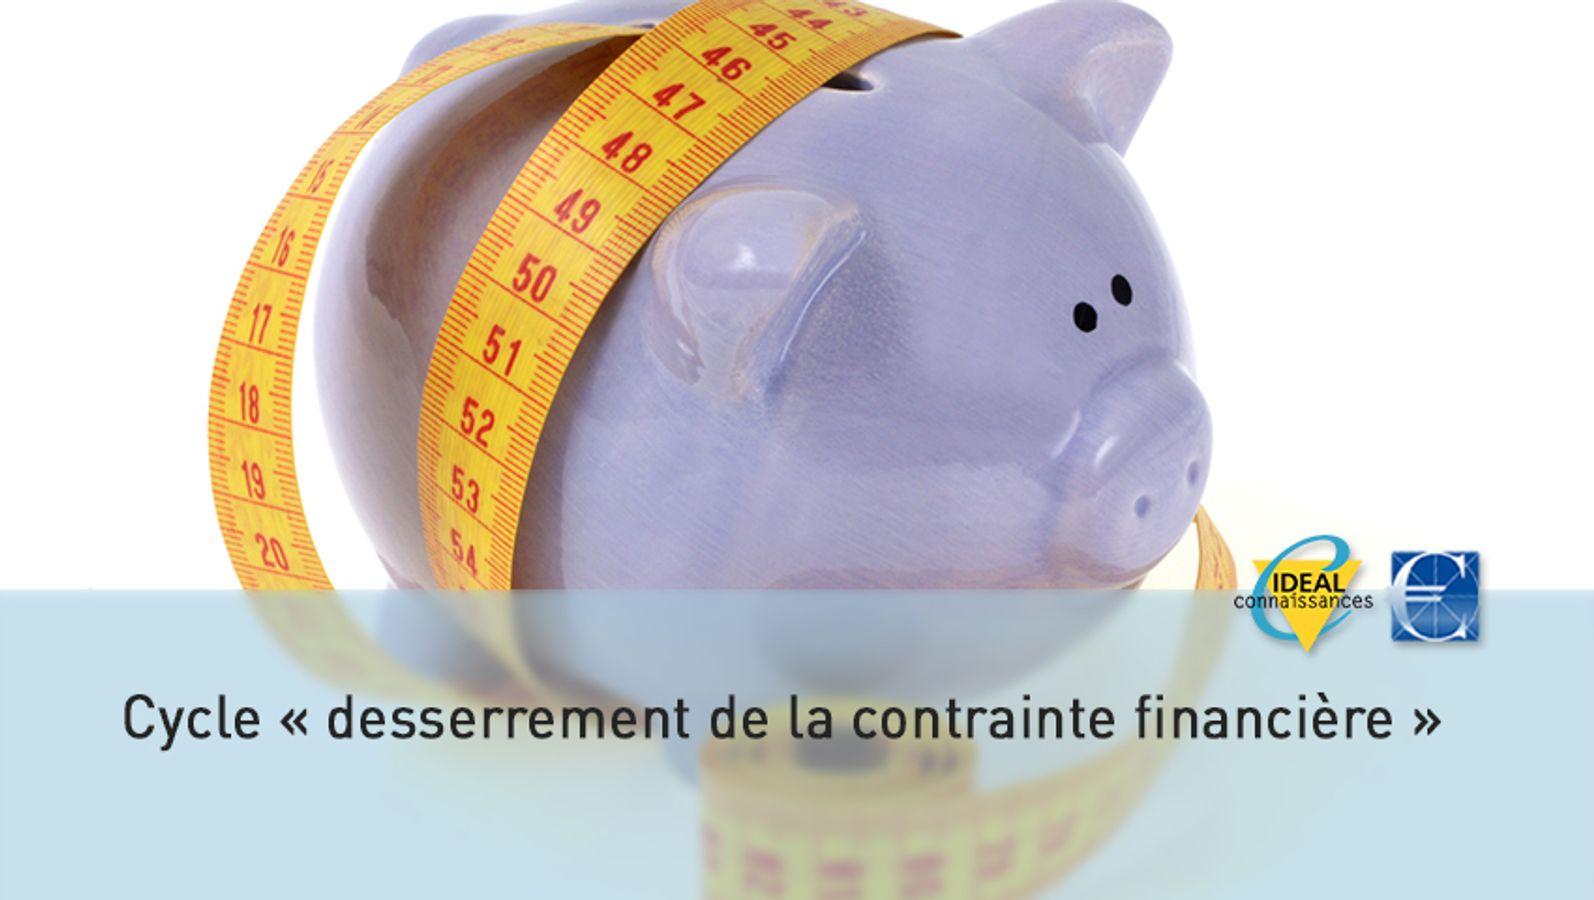 Cycle desserrement de la contrainte financière #1